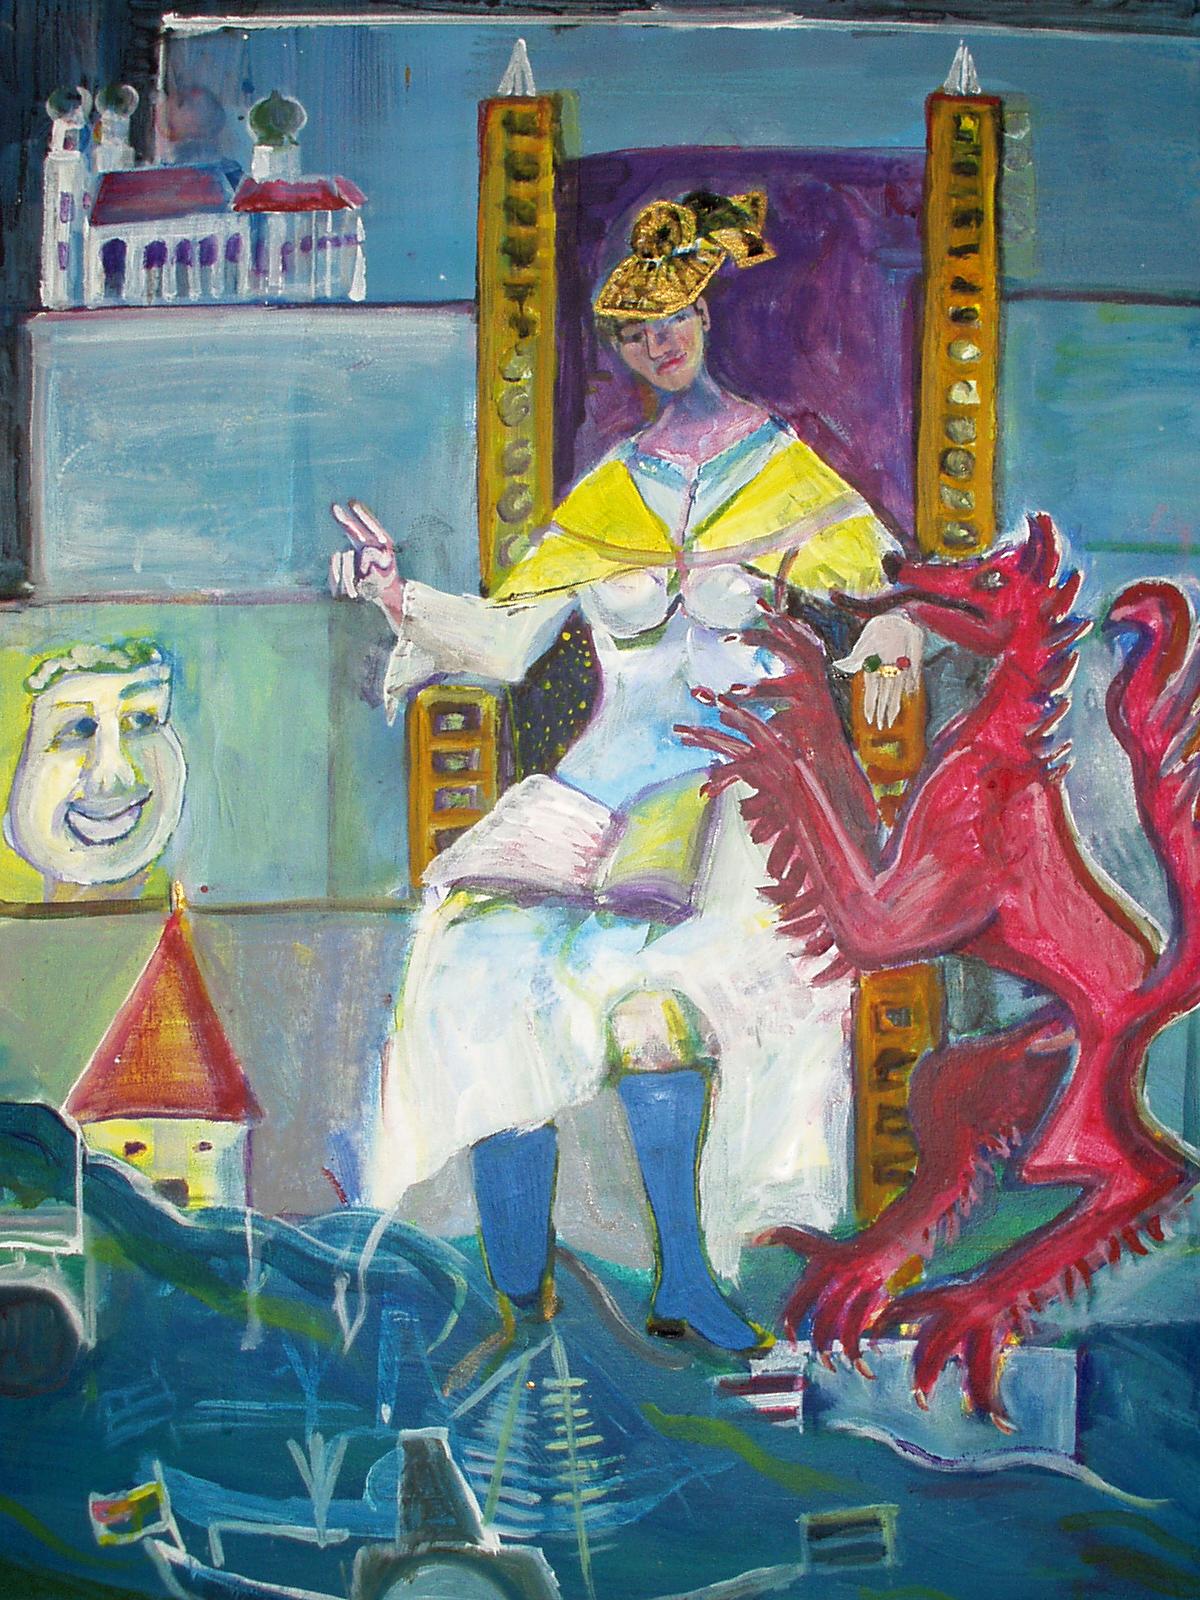 Die Passauer Bischöfin, Malerei, 70 x 50 cm, 2003